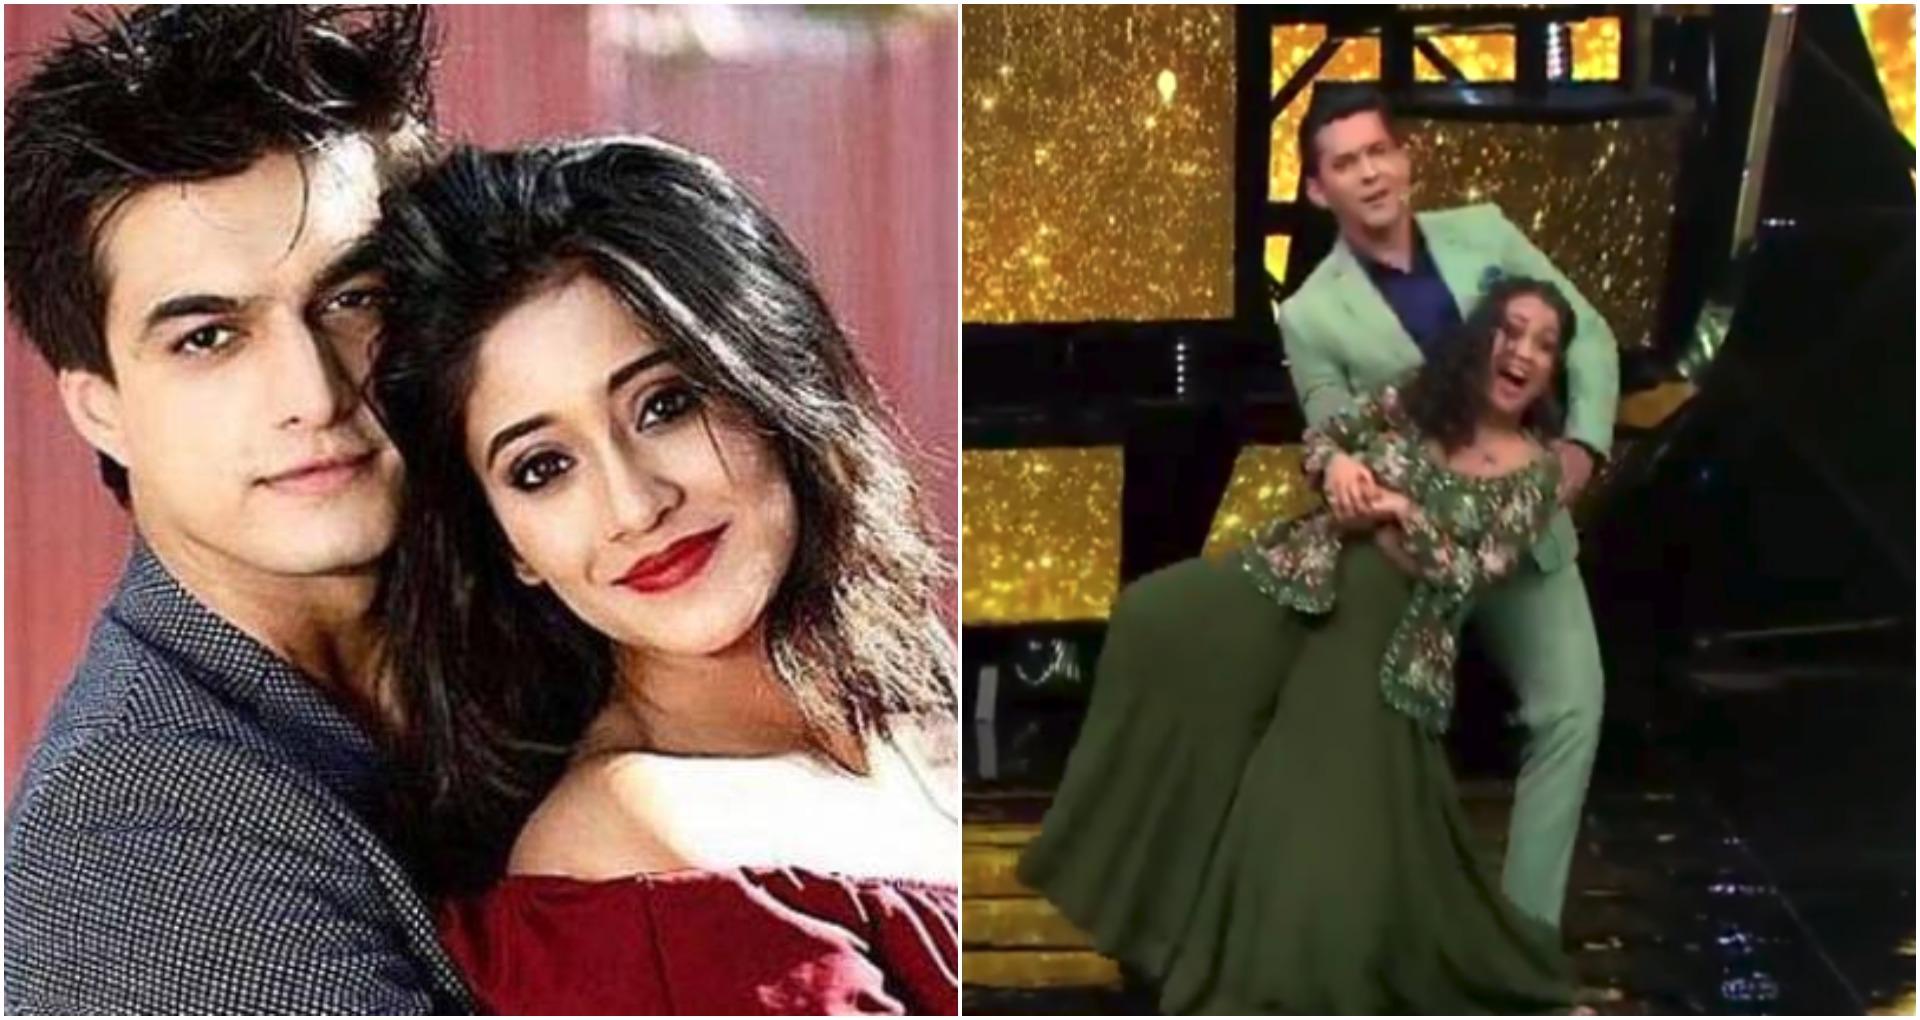 Trending News: ये रिश्ता क्या कहलाता है की अभिनेत्री ने छोड़ा शो, नेहा कक्कड़ का ऊप्स मूमेंट वायरल